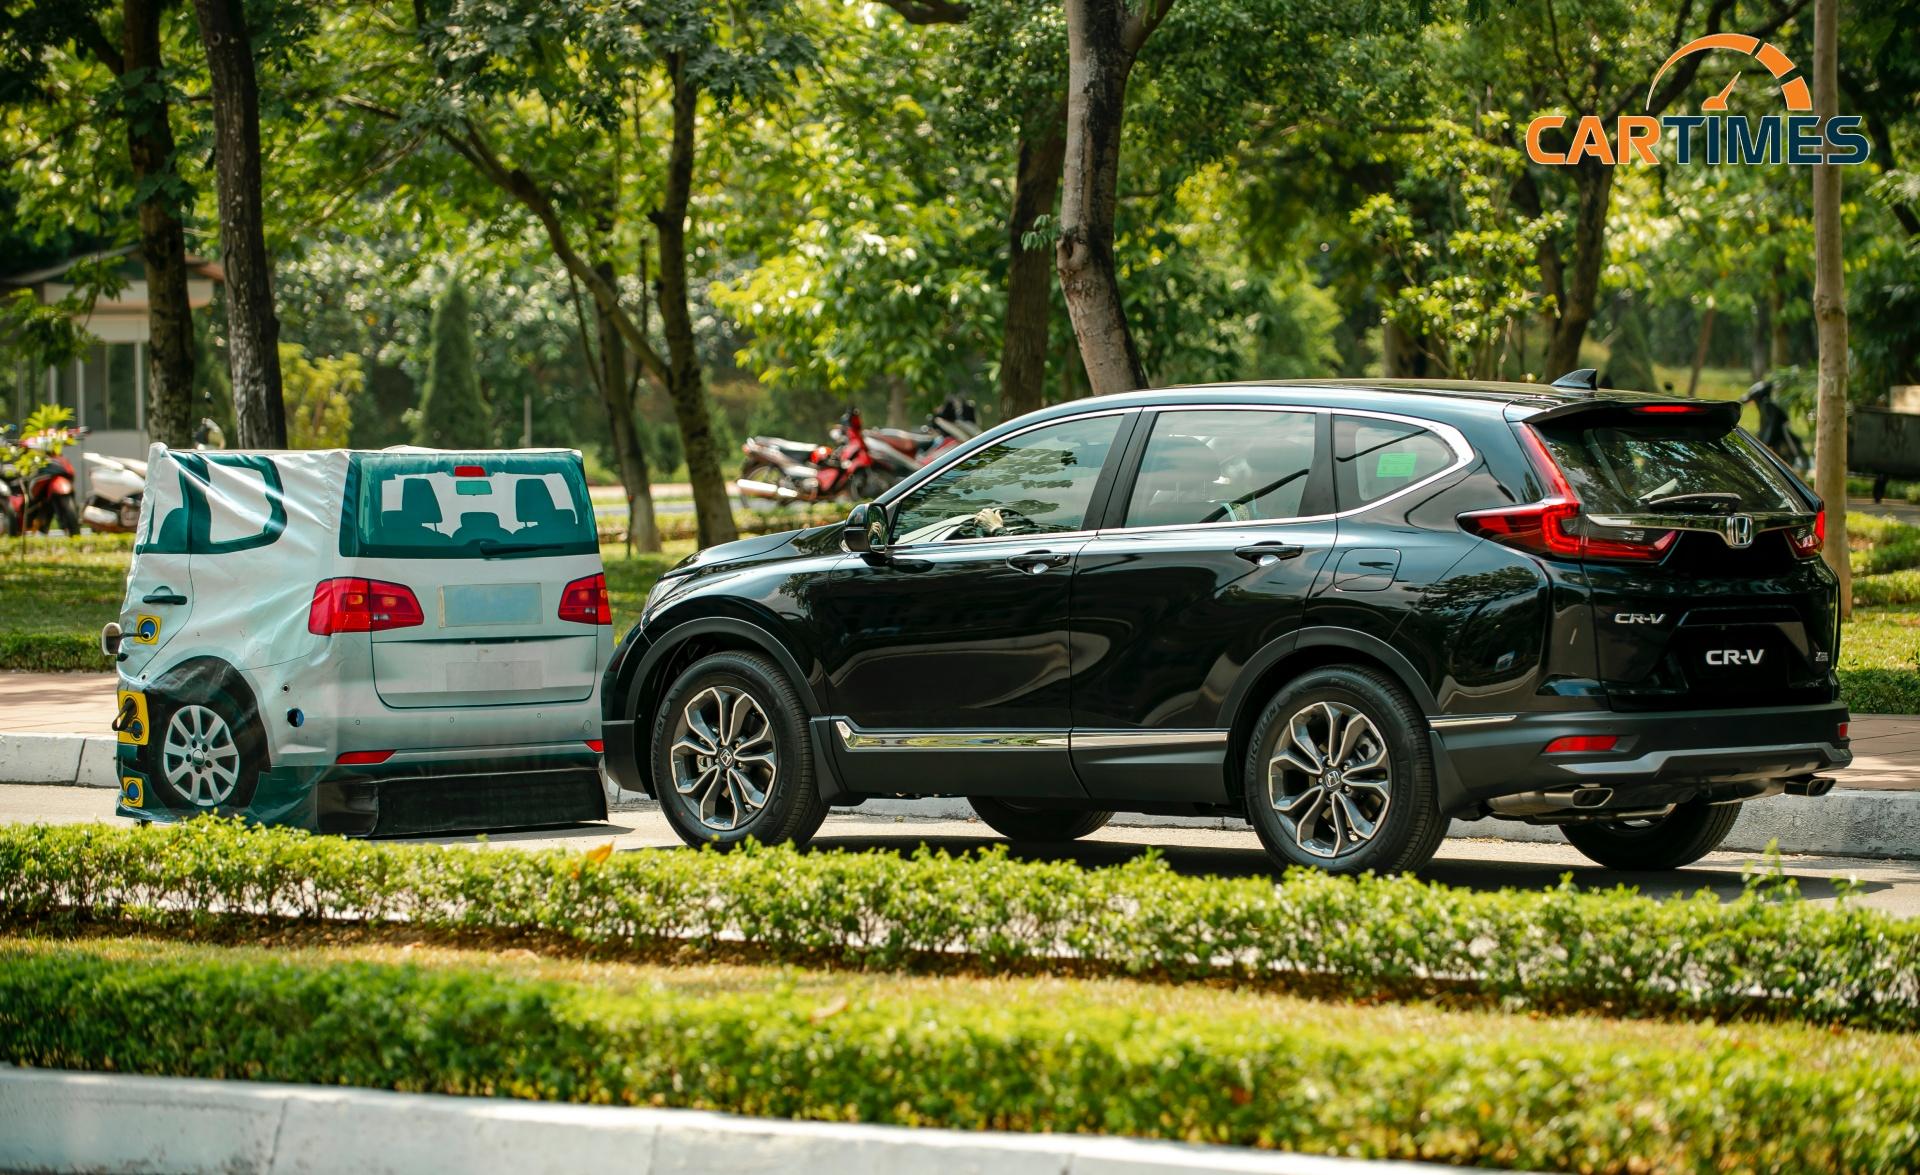 Tìm hiểu công nghệ Honda Sensing trên mẫu xe CR-V 2020 vừa ra mắt thị trường Việt Nam                                            -5